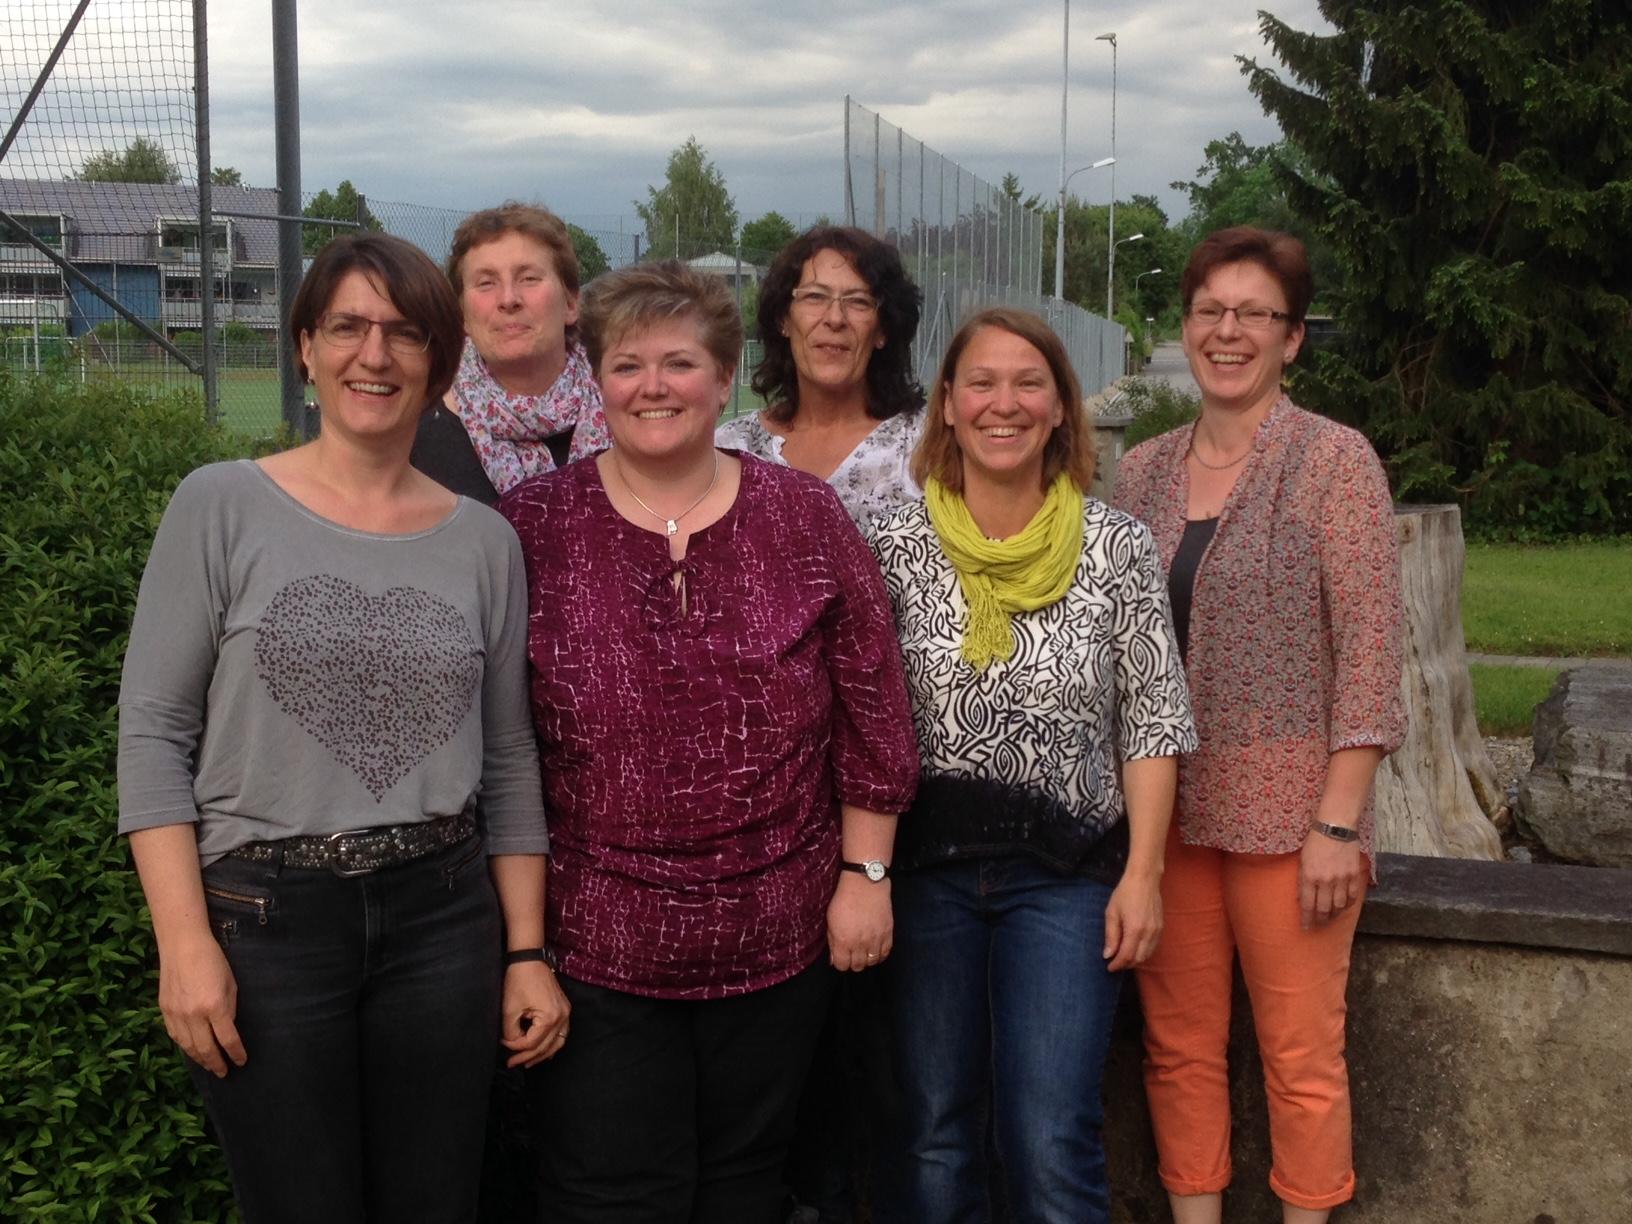 Cecile Brener, Vreni Pretali, Sandra Schümperli, Jeannette Pislor, Susanna Tanner und Antonia Keiser sind das Adventsbazar-Team.